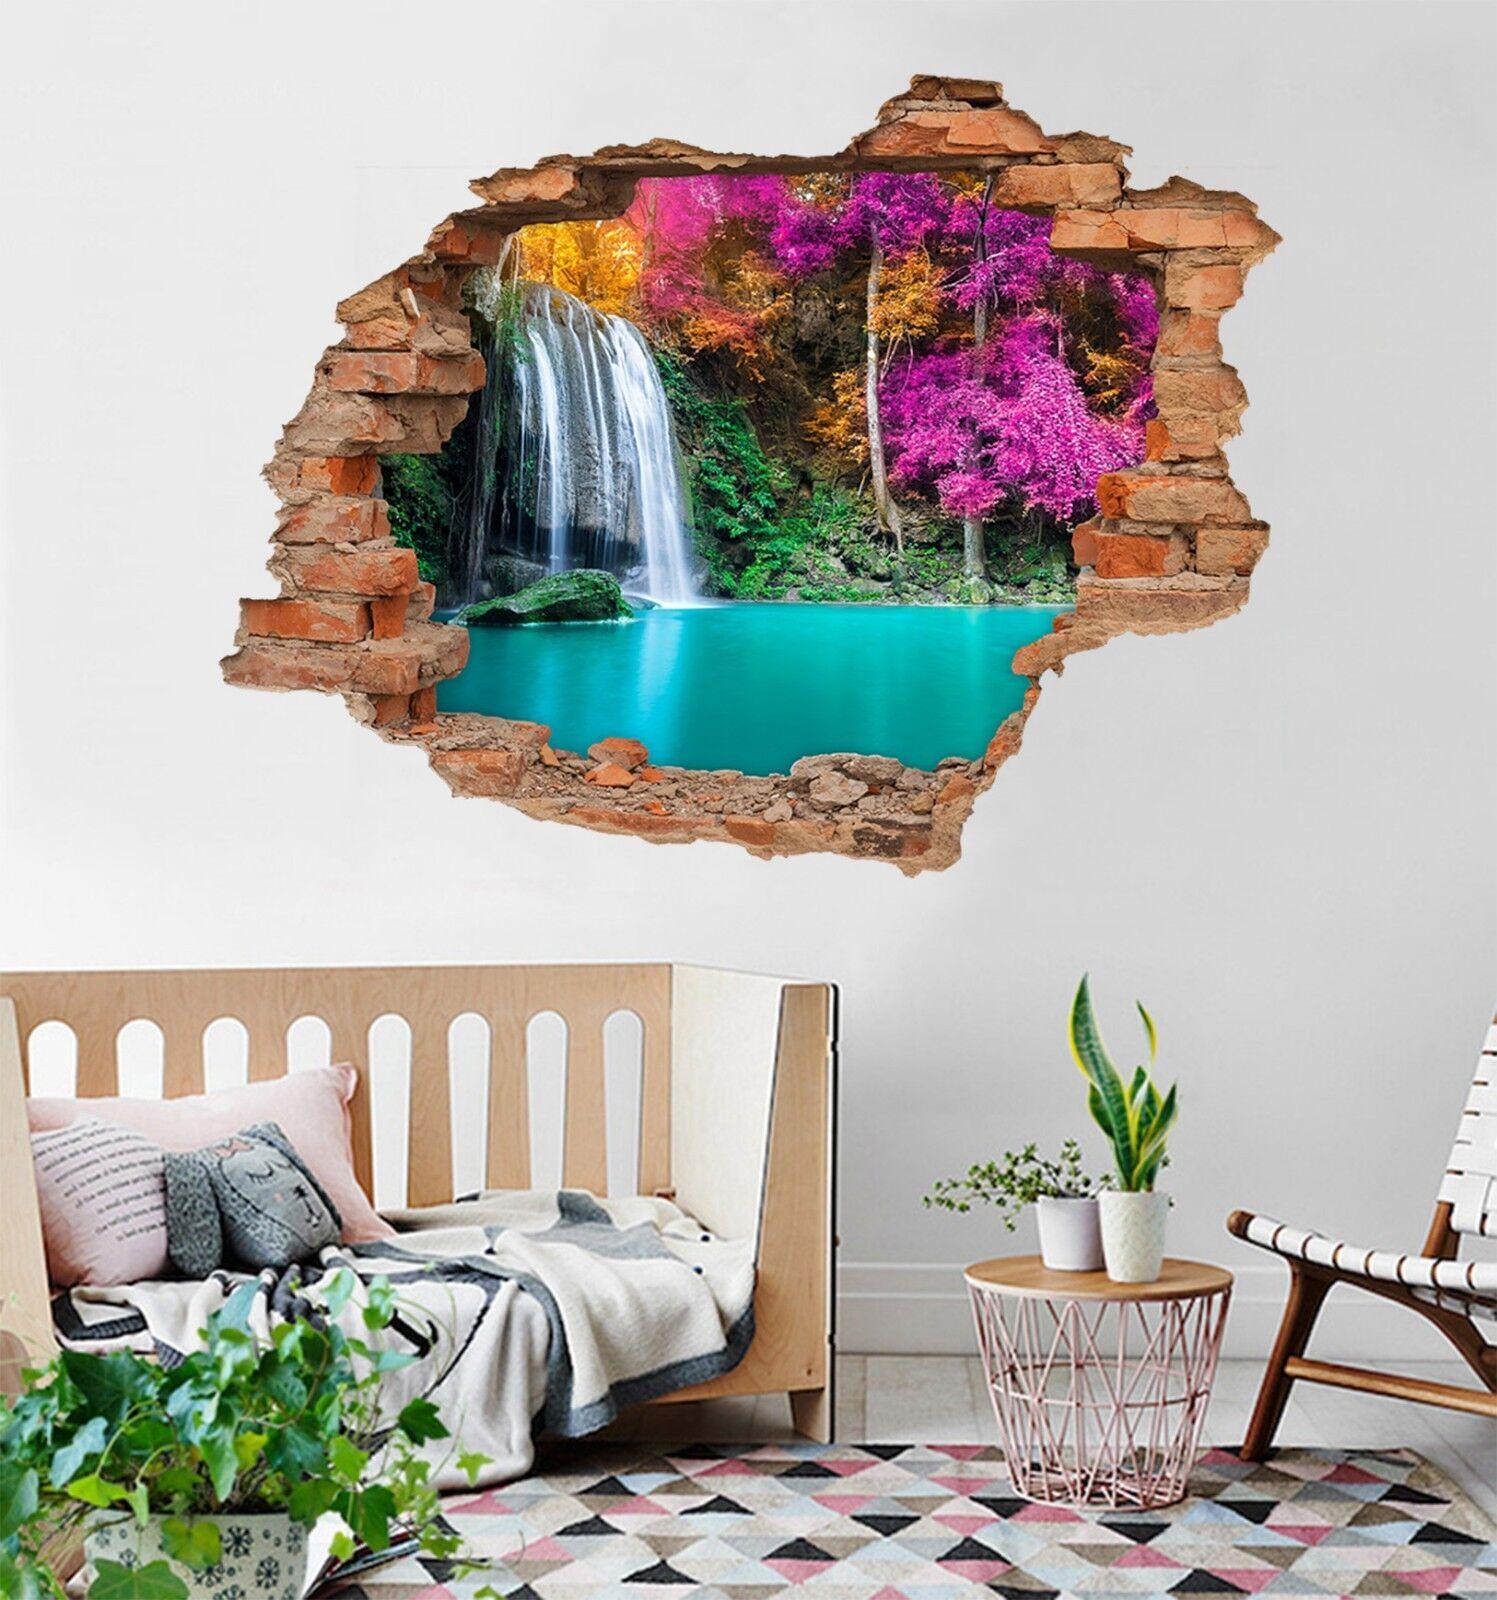 3D Wasserfall 115 Mauer Murals Mauer Aufklebe Decal Durchbruch AJ WALLPAPER DE